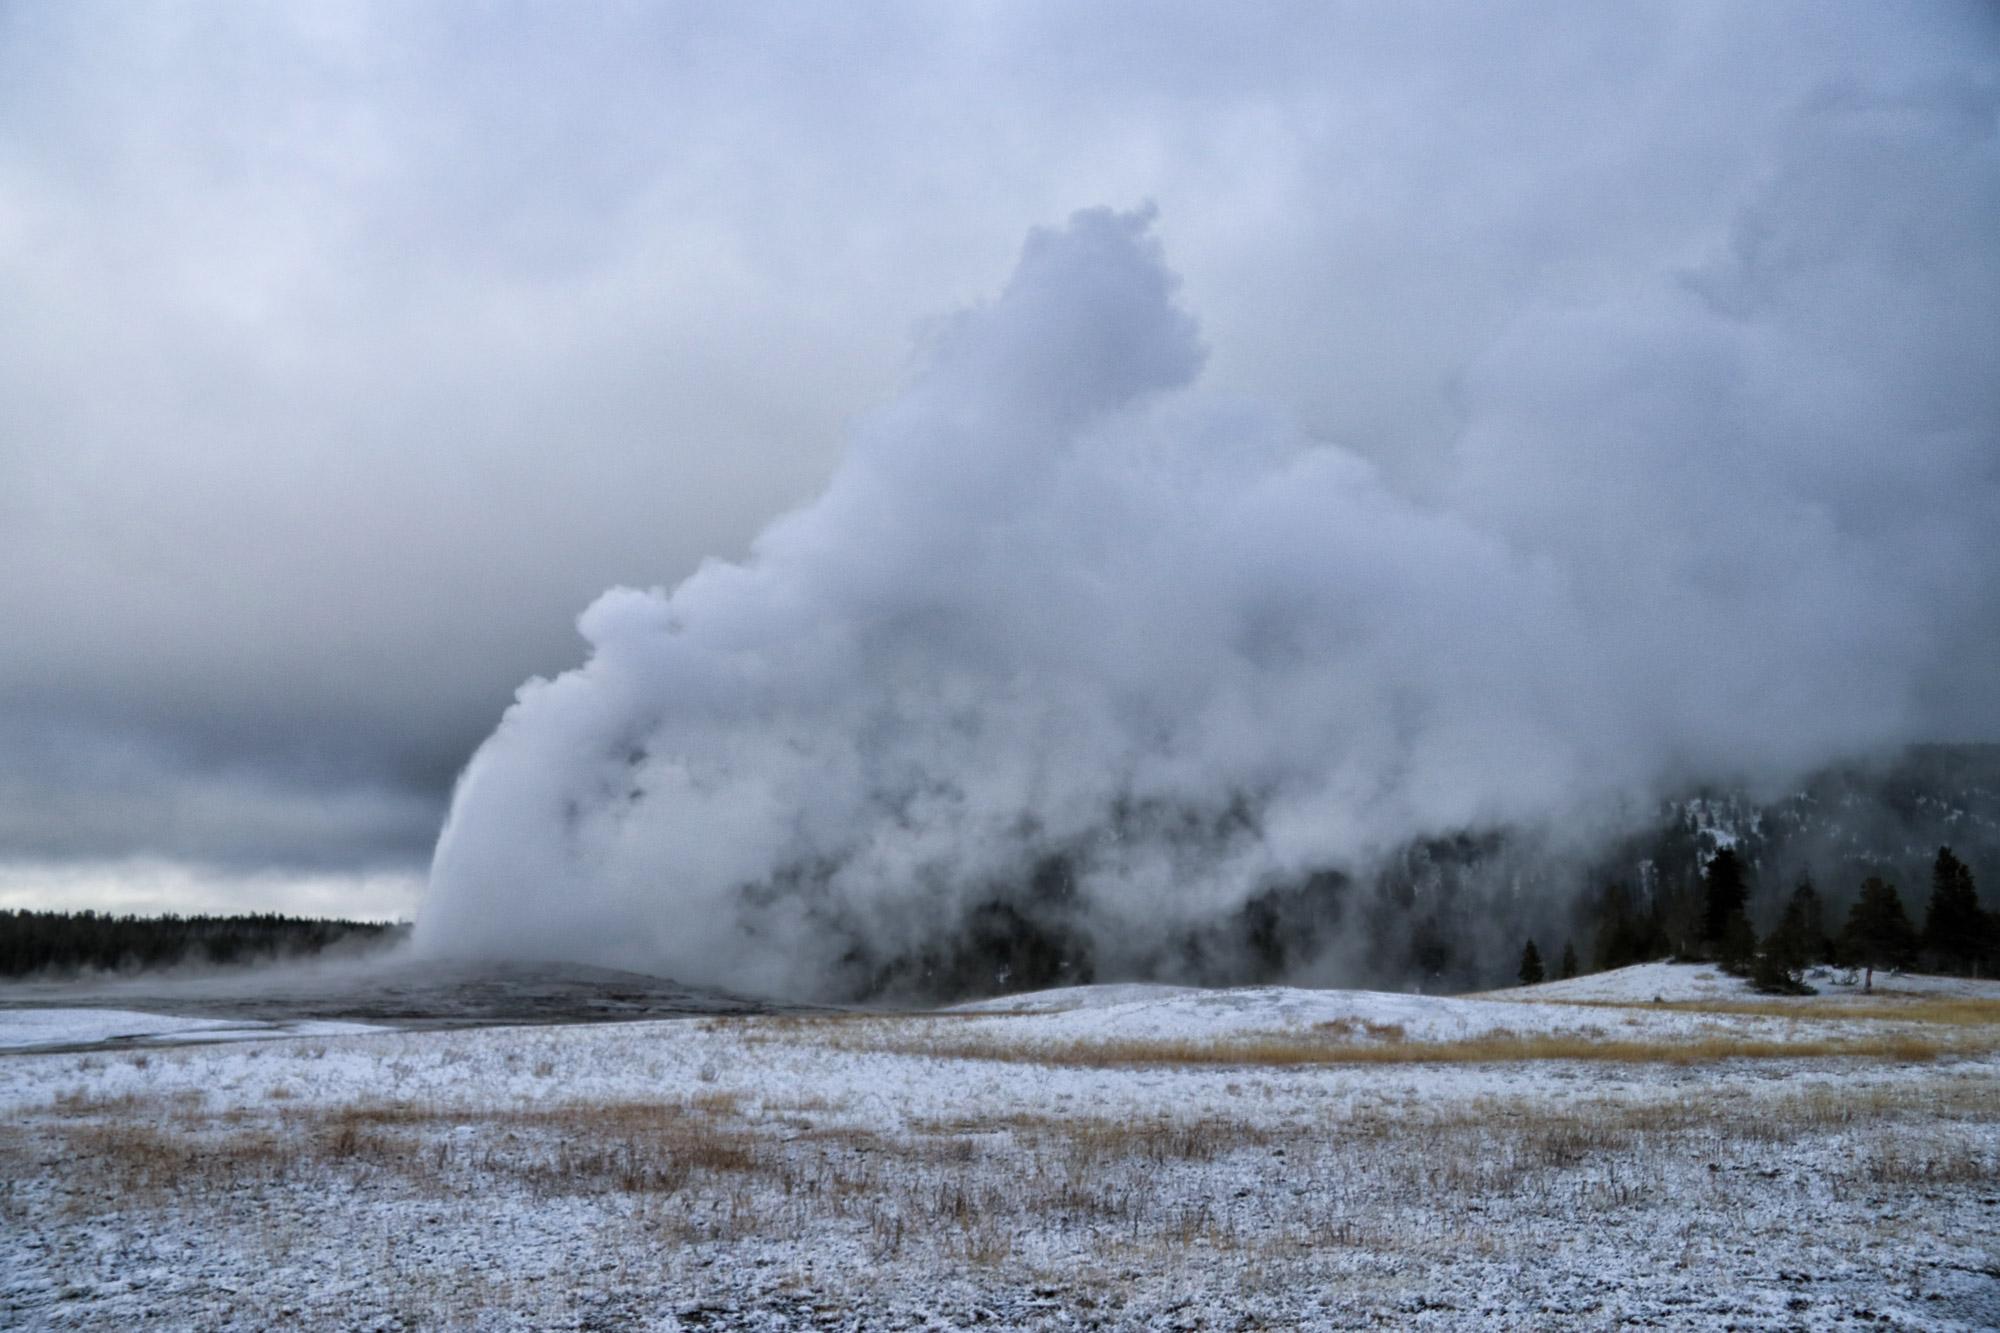 De hoogtepunten van Yellowstone National Park - Upper Geyser Basin